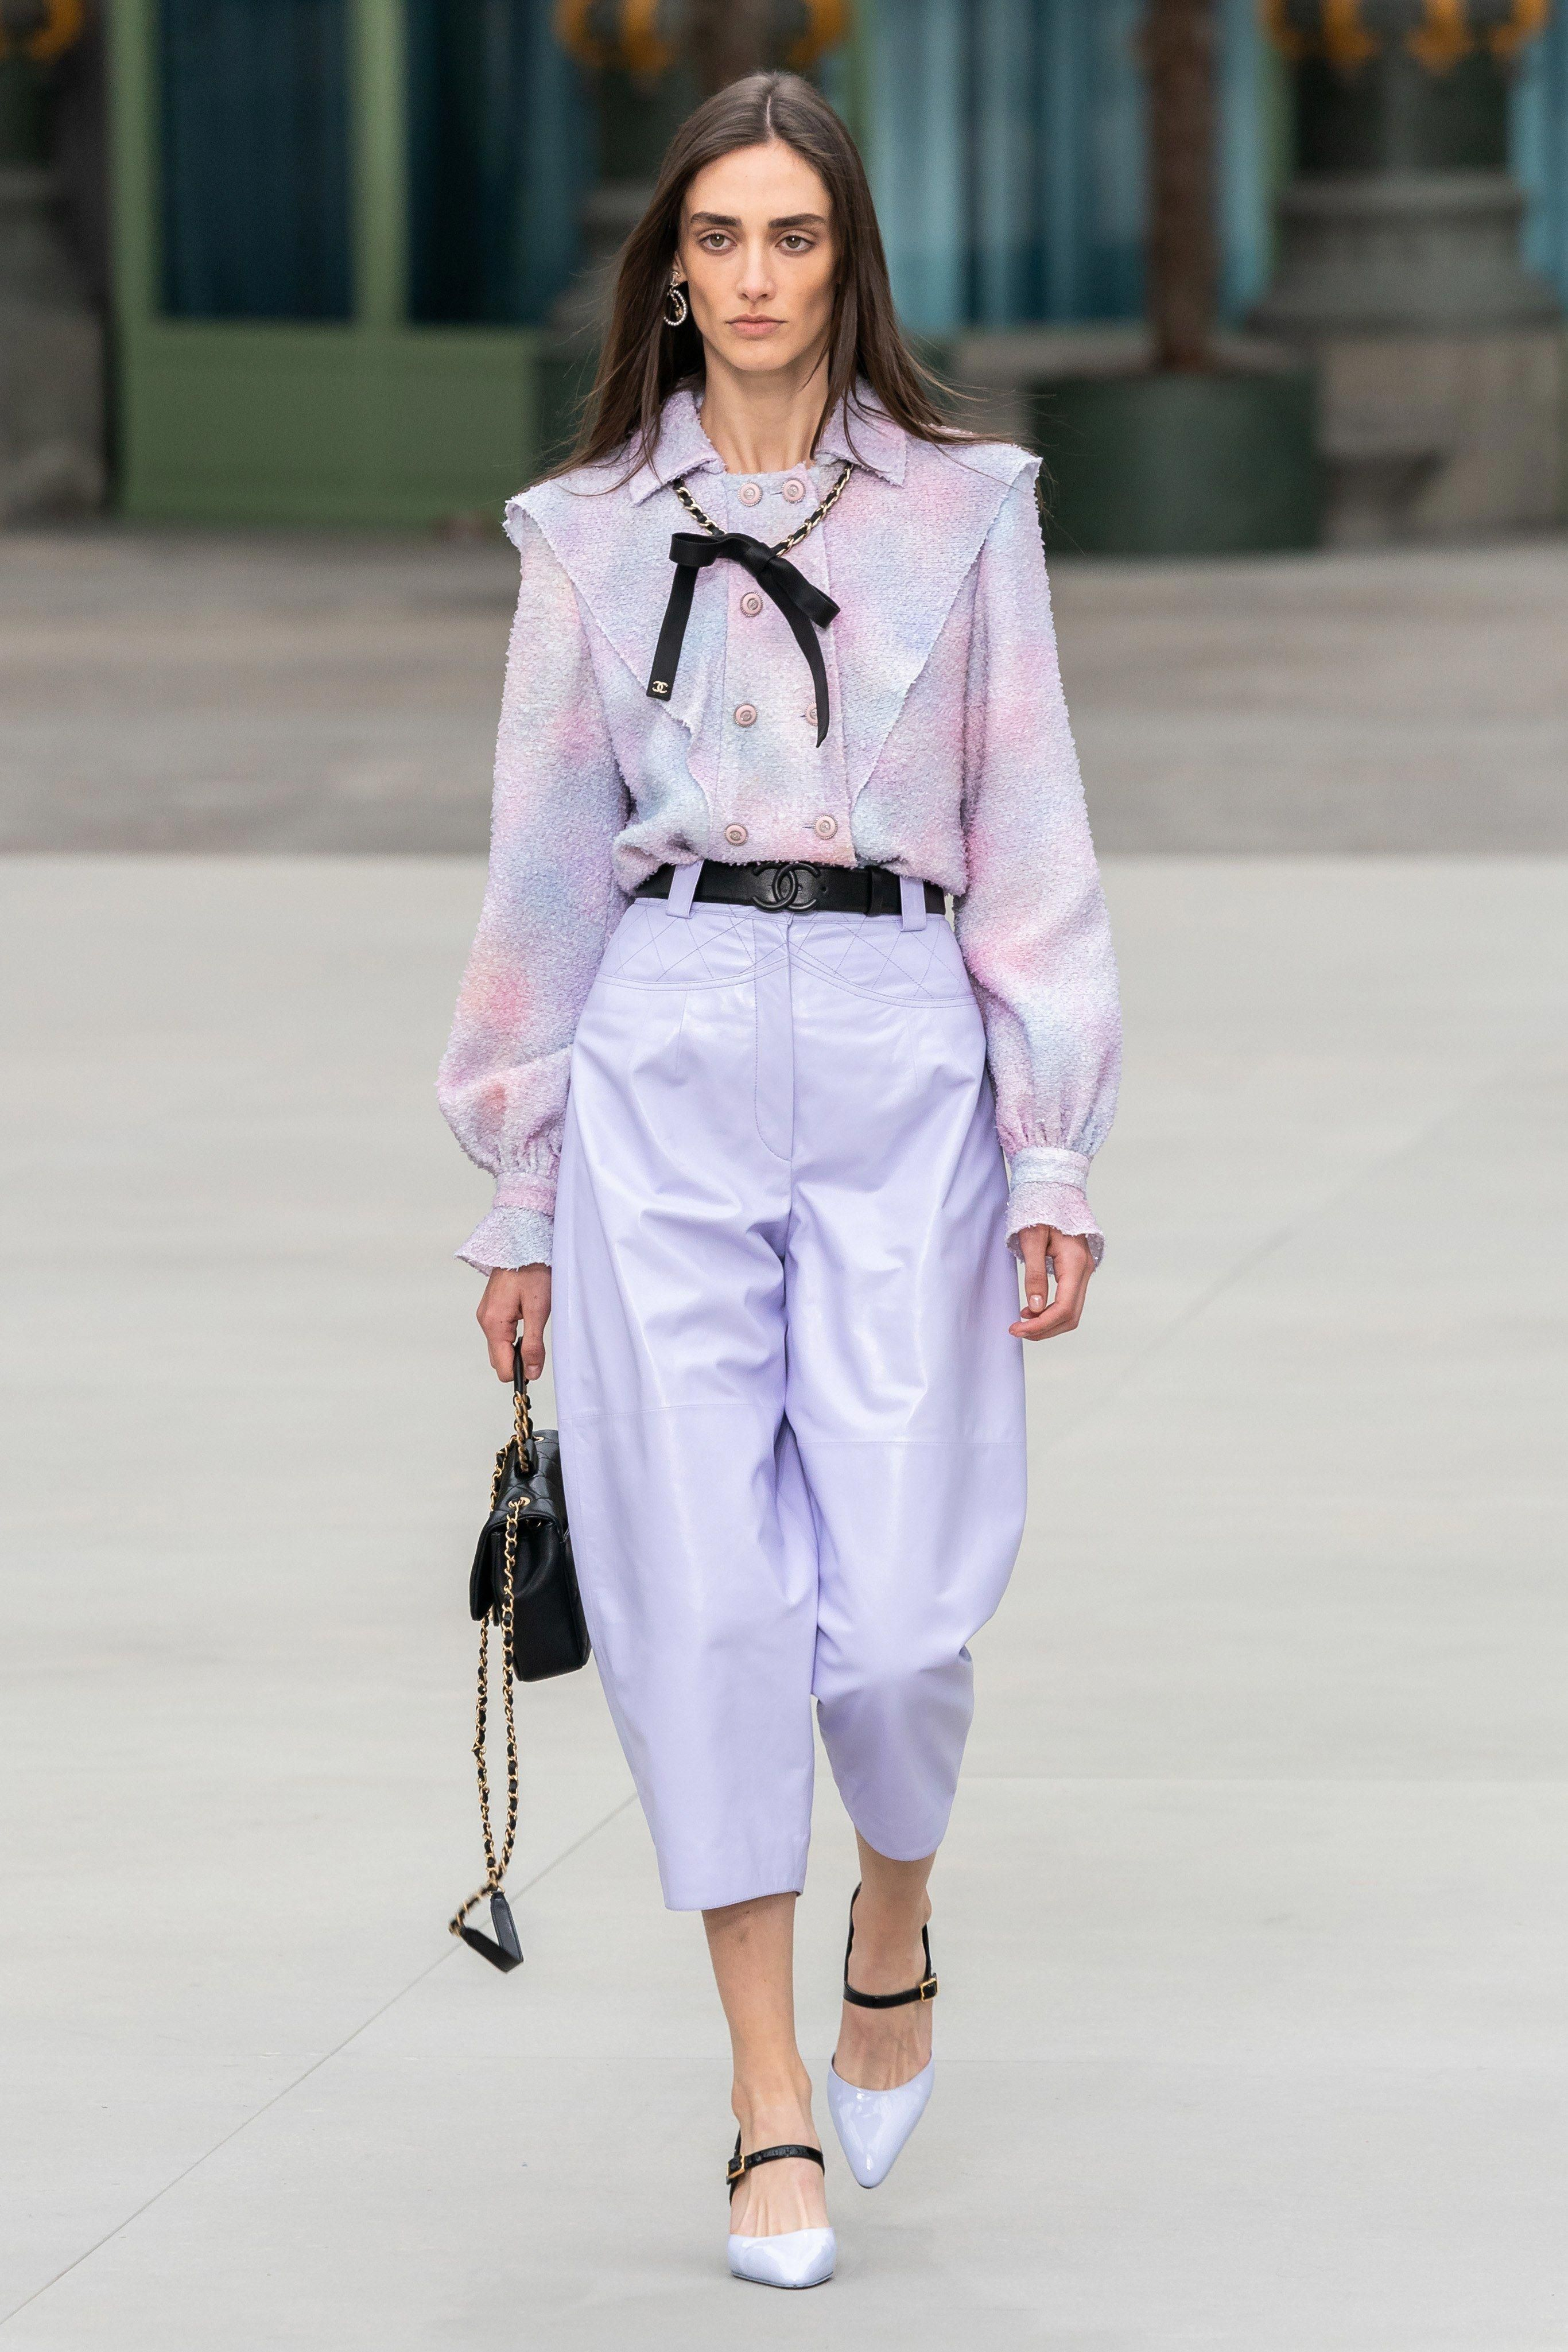 Mens Casual Fashion Tips Fashion Chanel Resort Summer Fashion